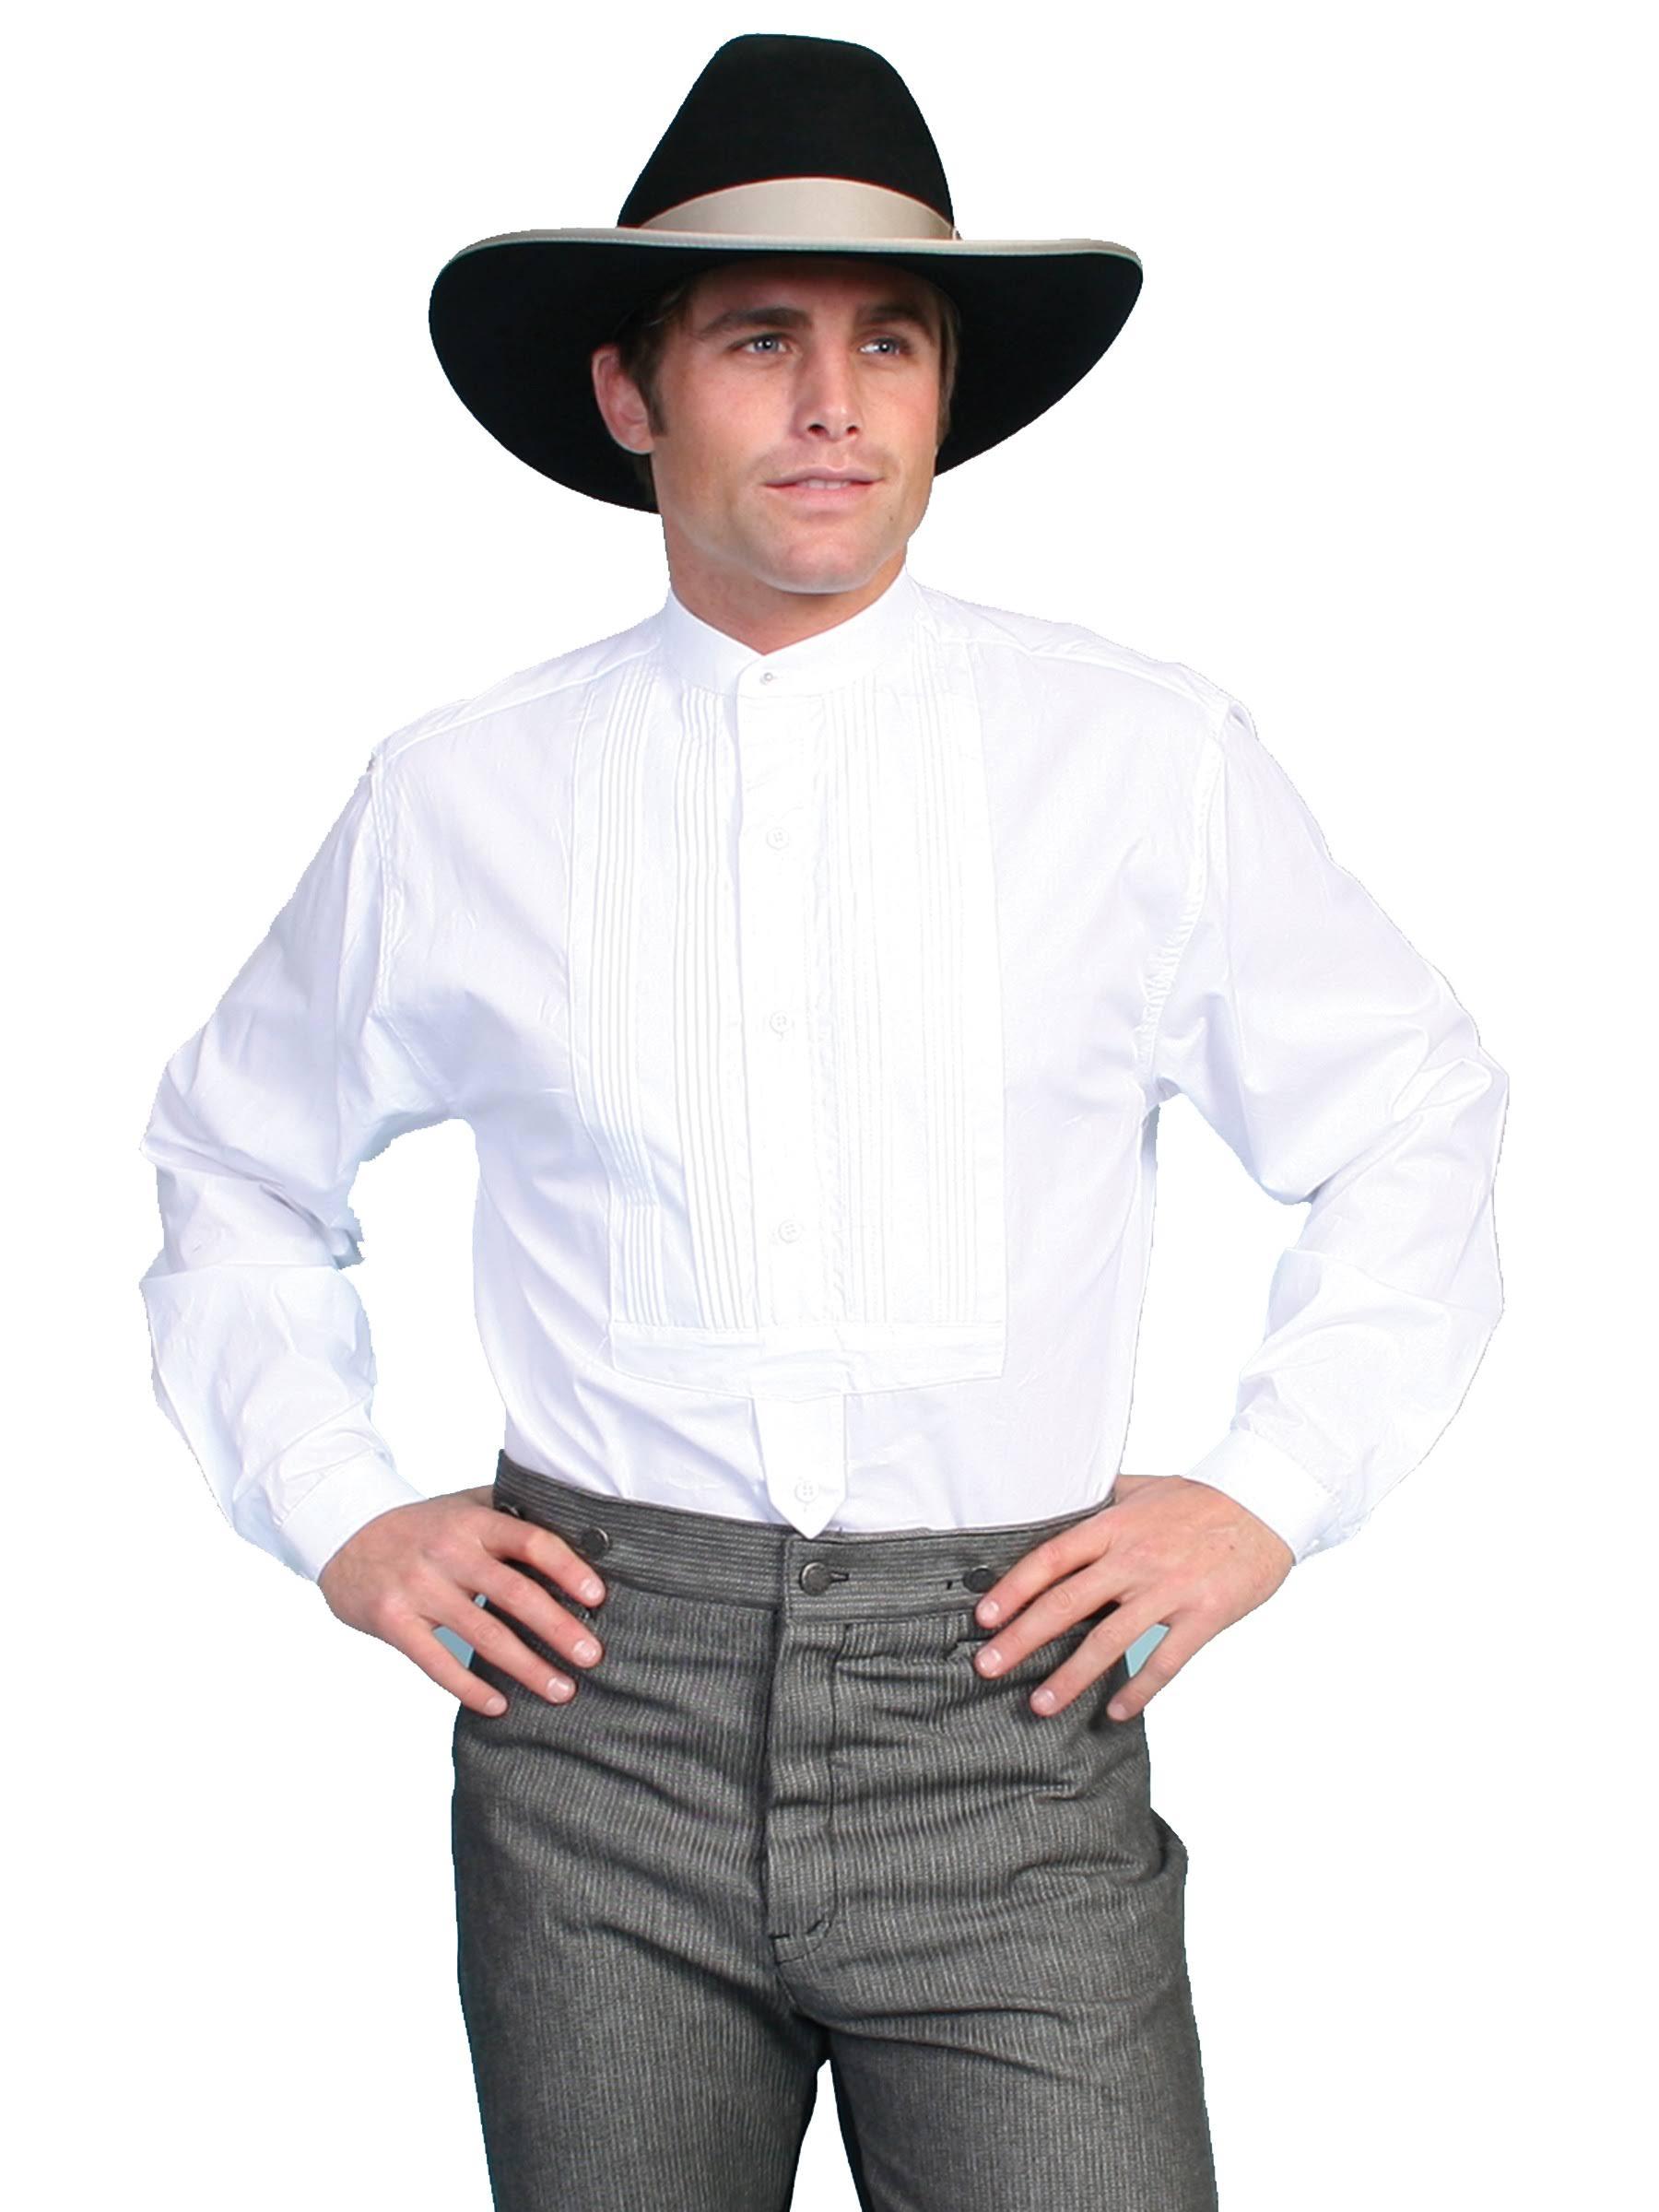 Mit Rw032 xl hemd Gebummeltes Kragen Gambler Weiß wht Scully qYt8aw